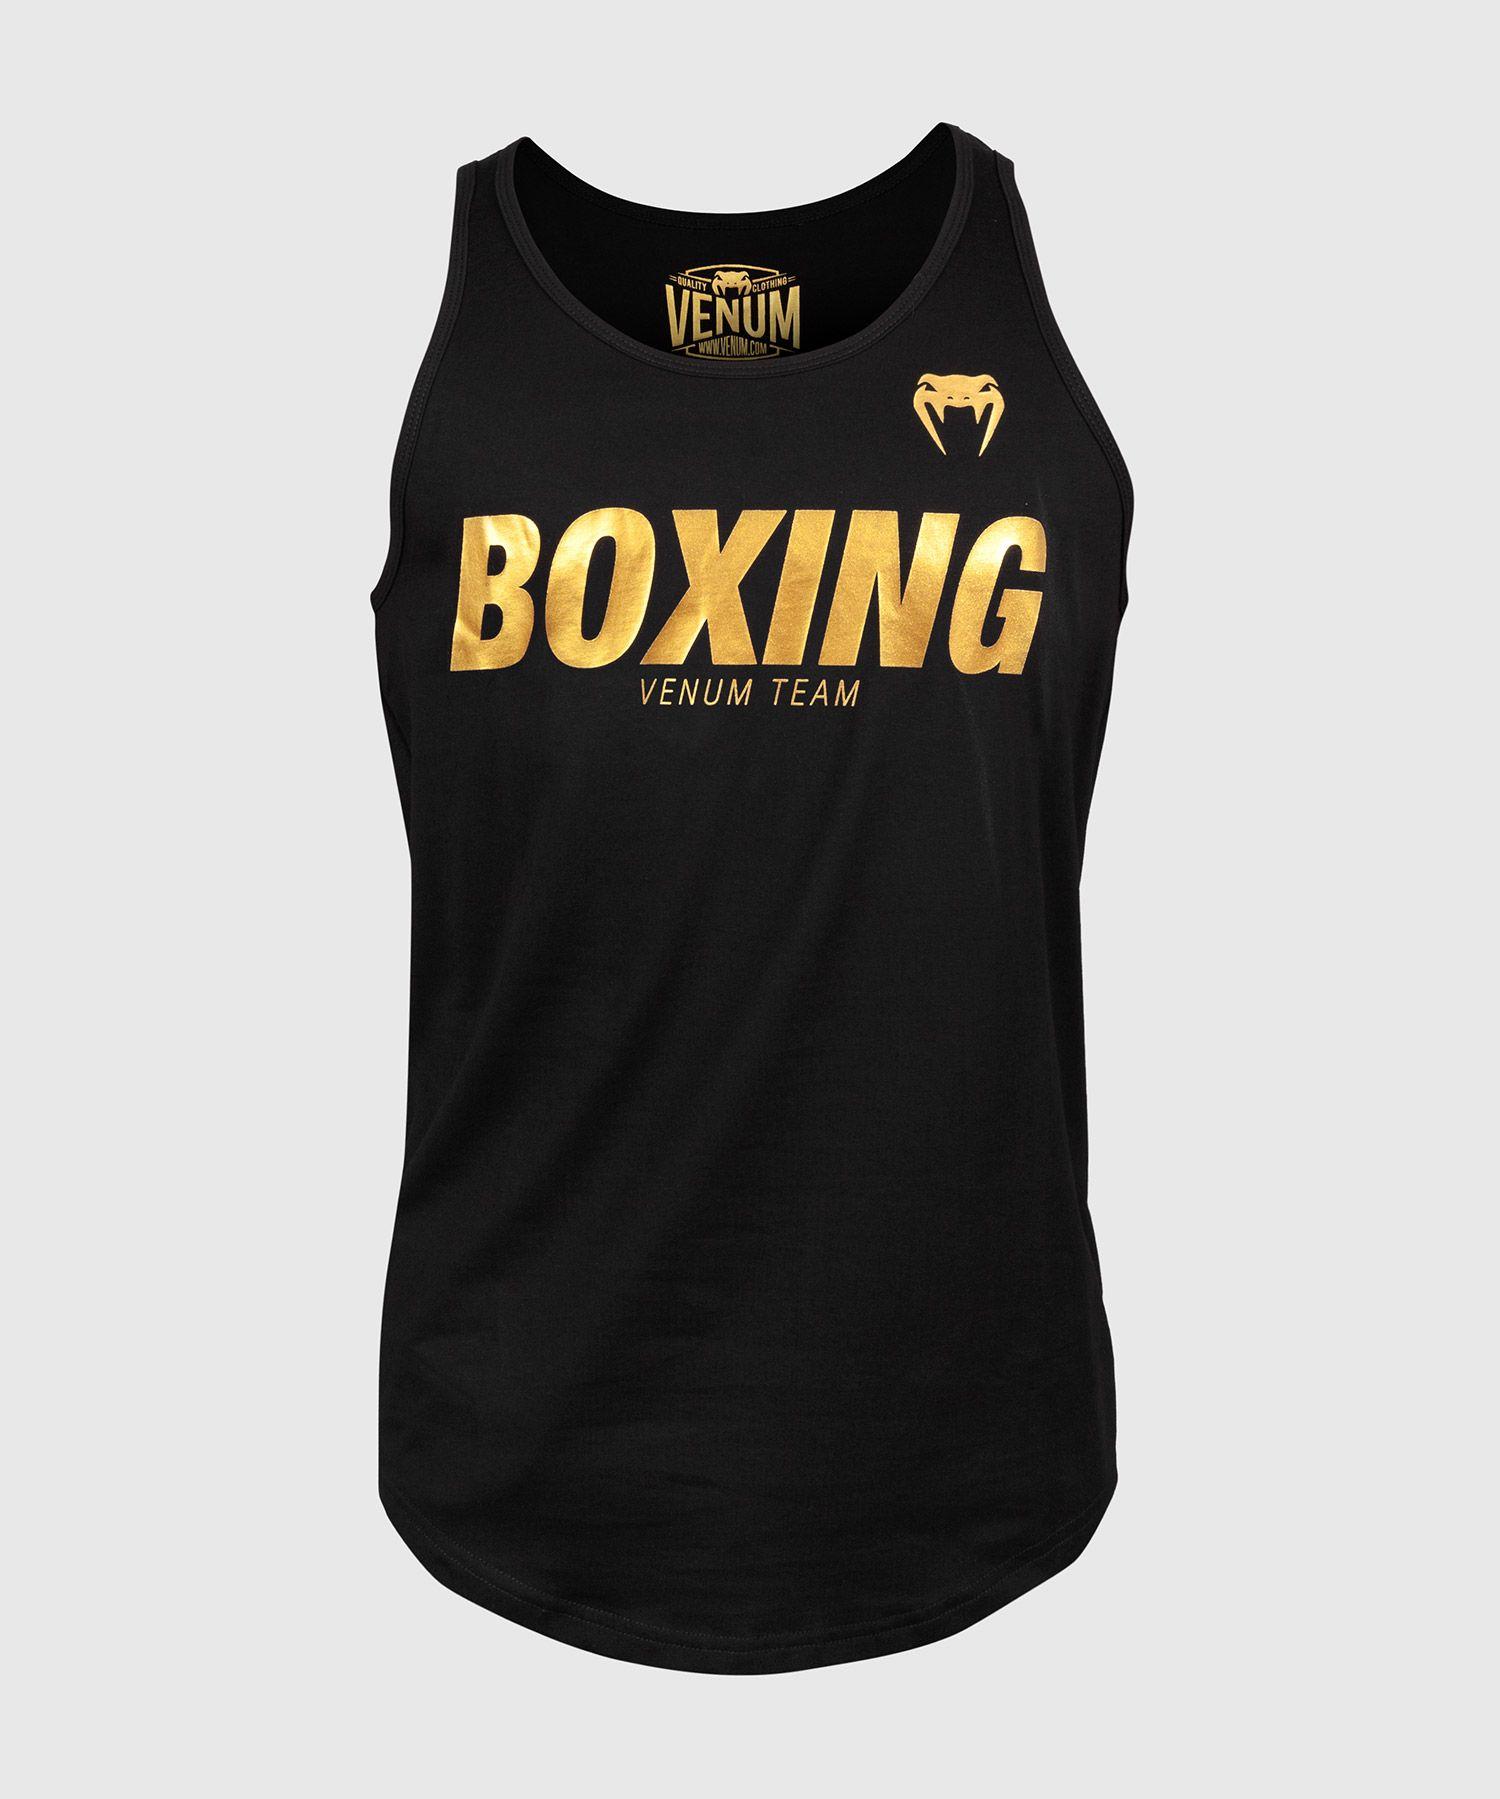 Débardeur Venum Boxing VT - Noir/Or